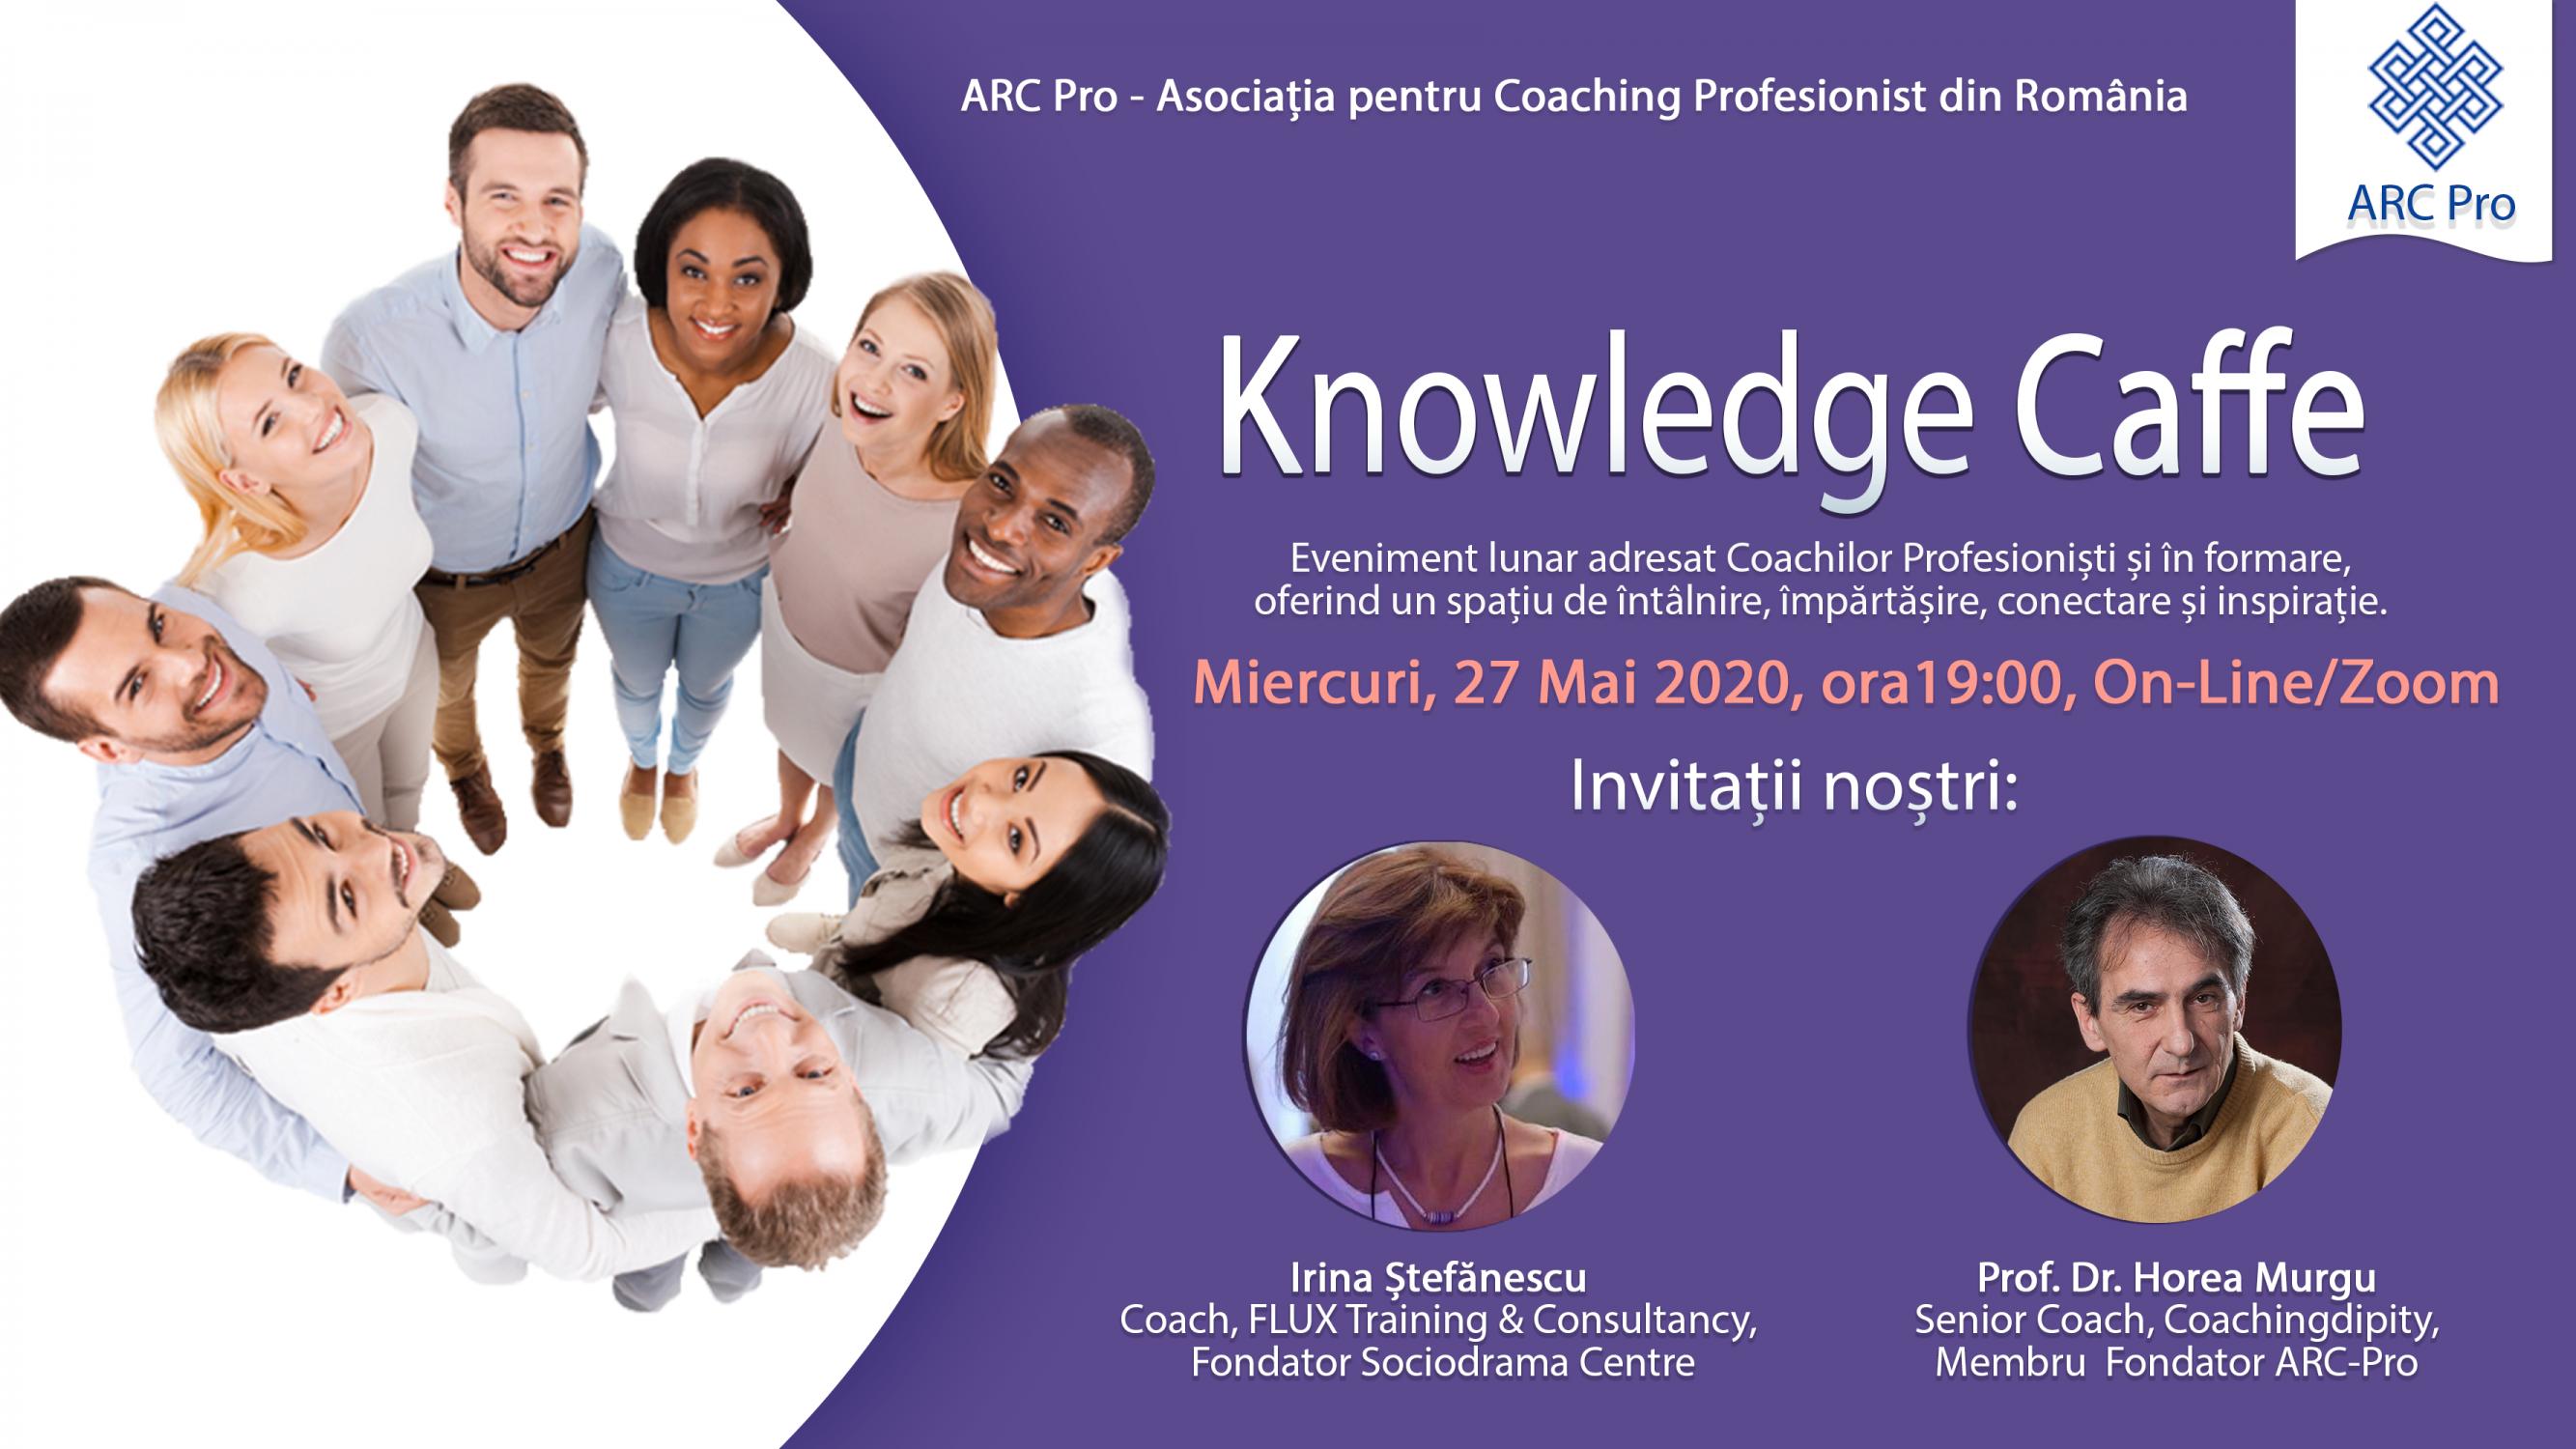 Knowledge Caffe 2020 Editia 1